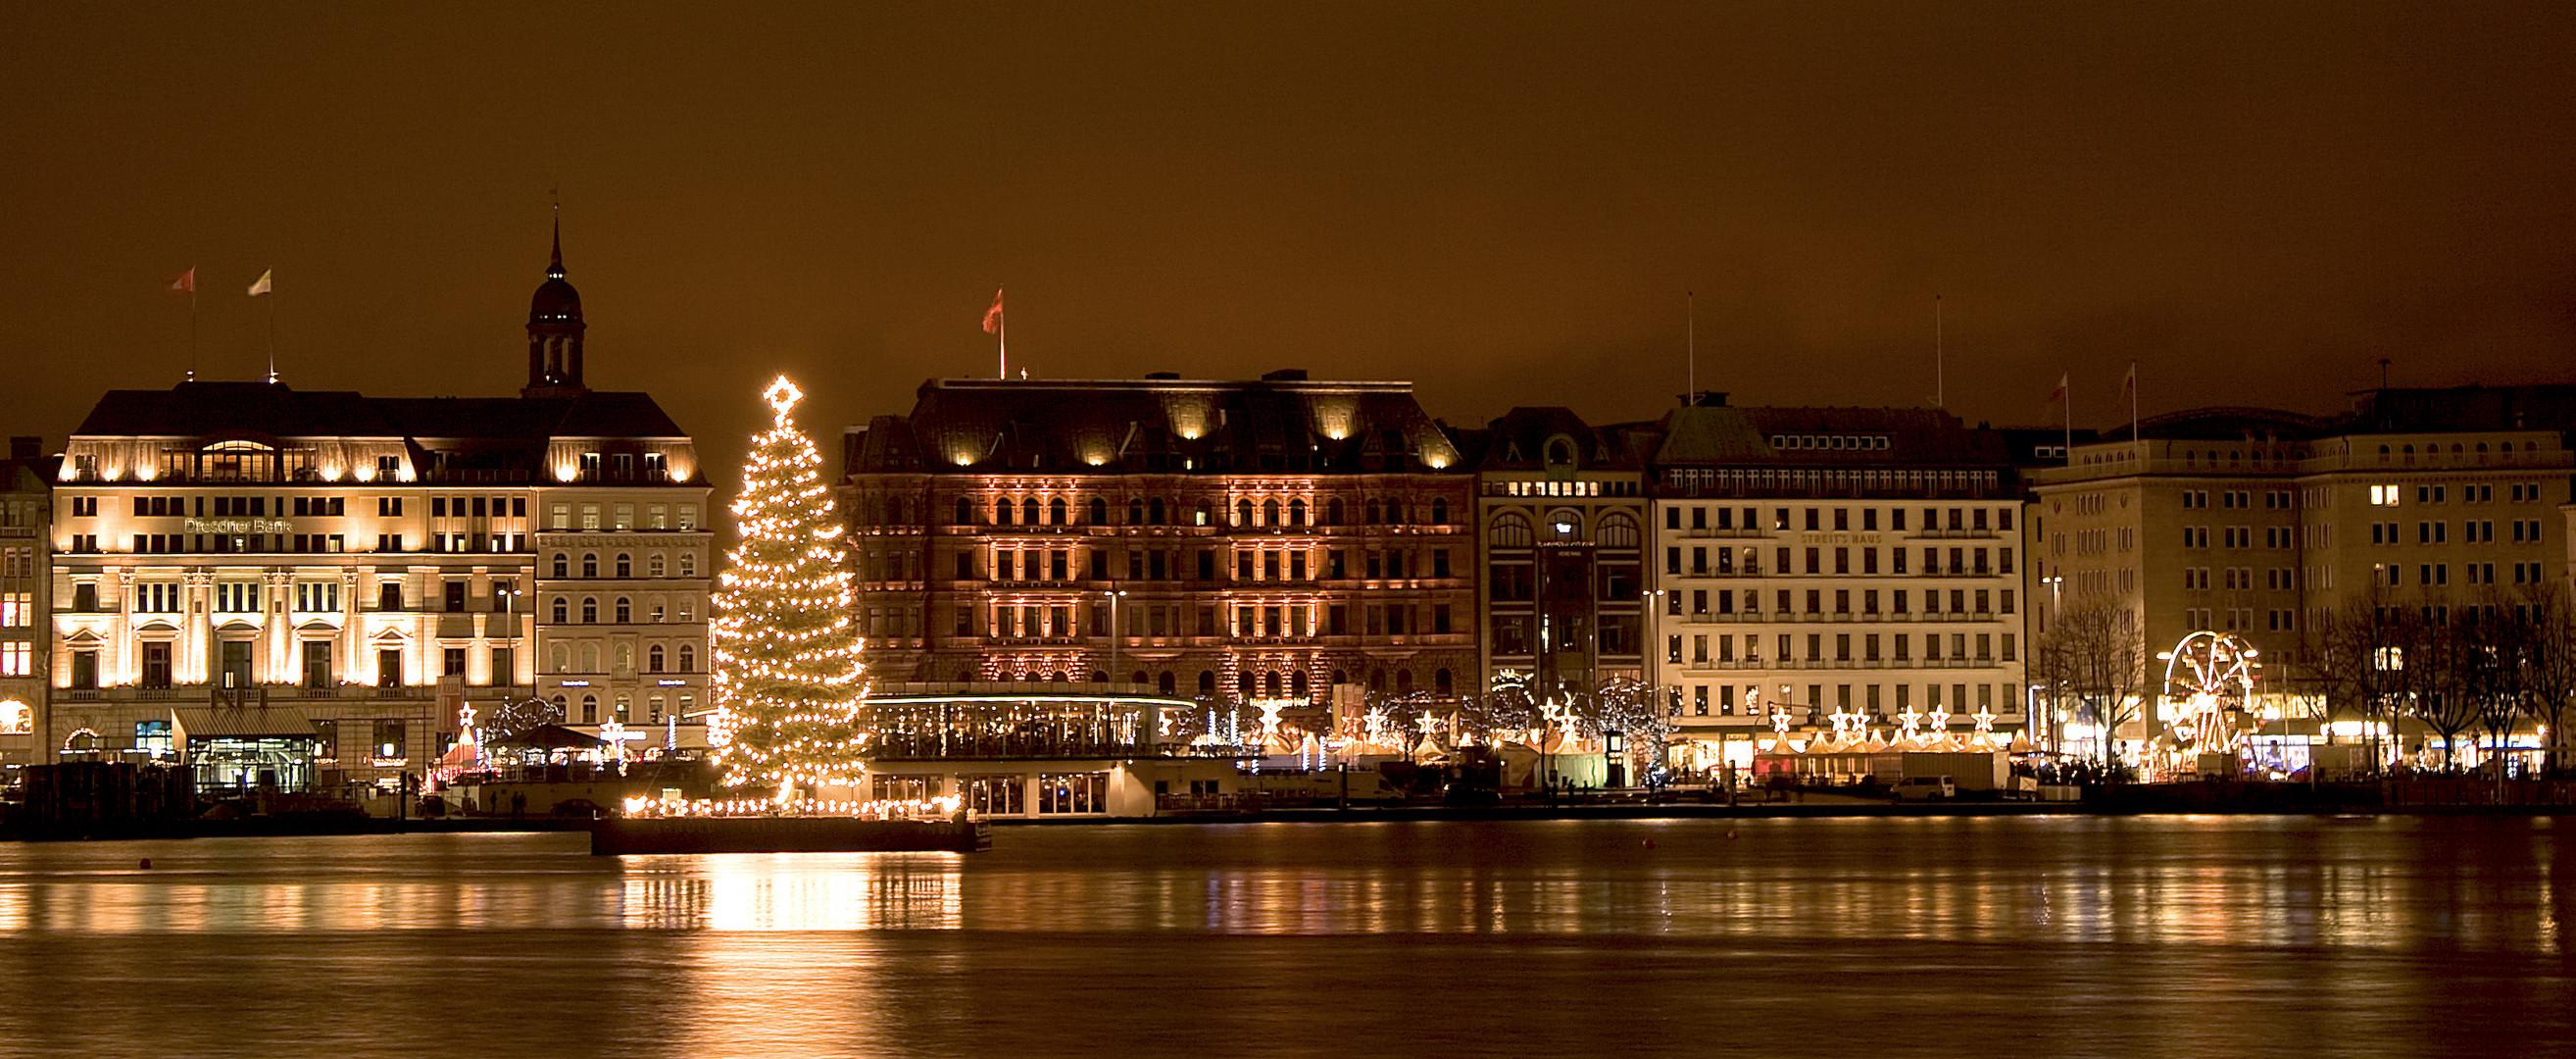 Jungfernstieg Weihnachtsmarkt.Jungfernstieg Mit Weihnachtsmarkt Foto Bild Deutschland